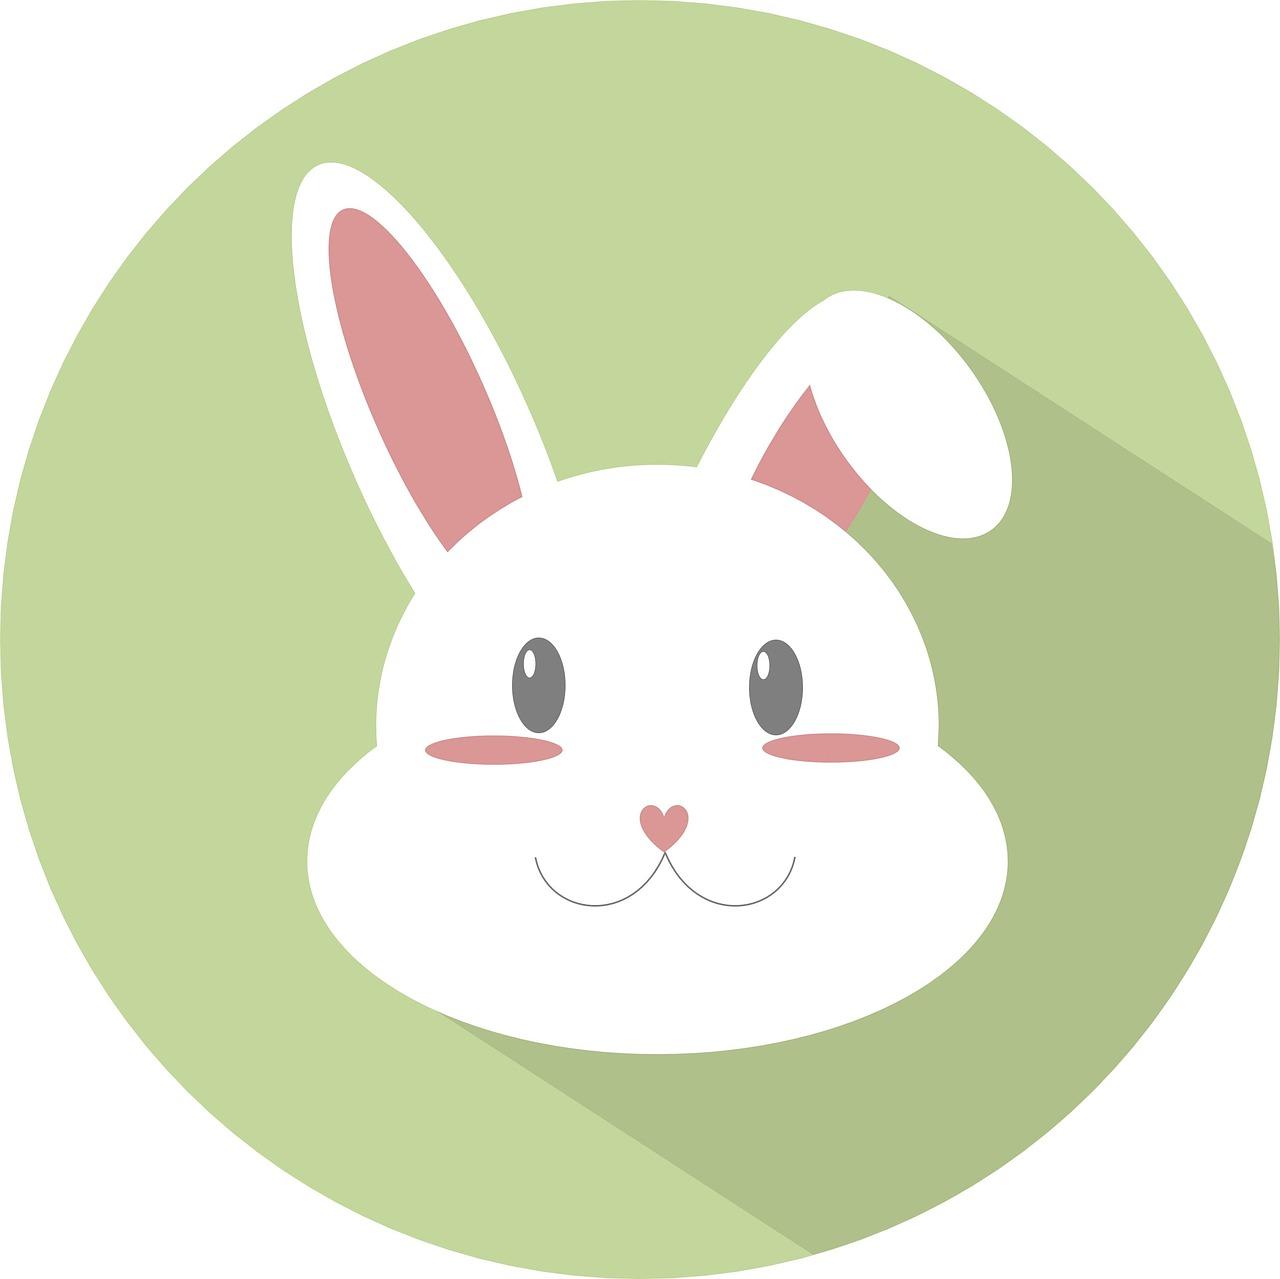 символ картинка зайчик сочетании